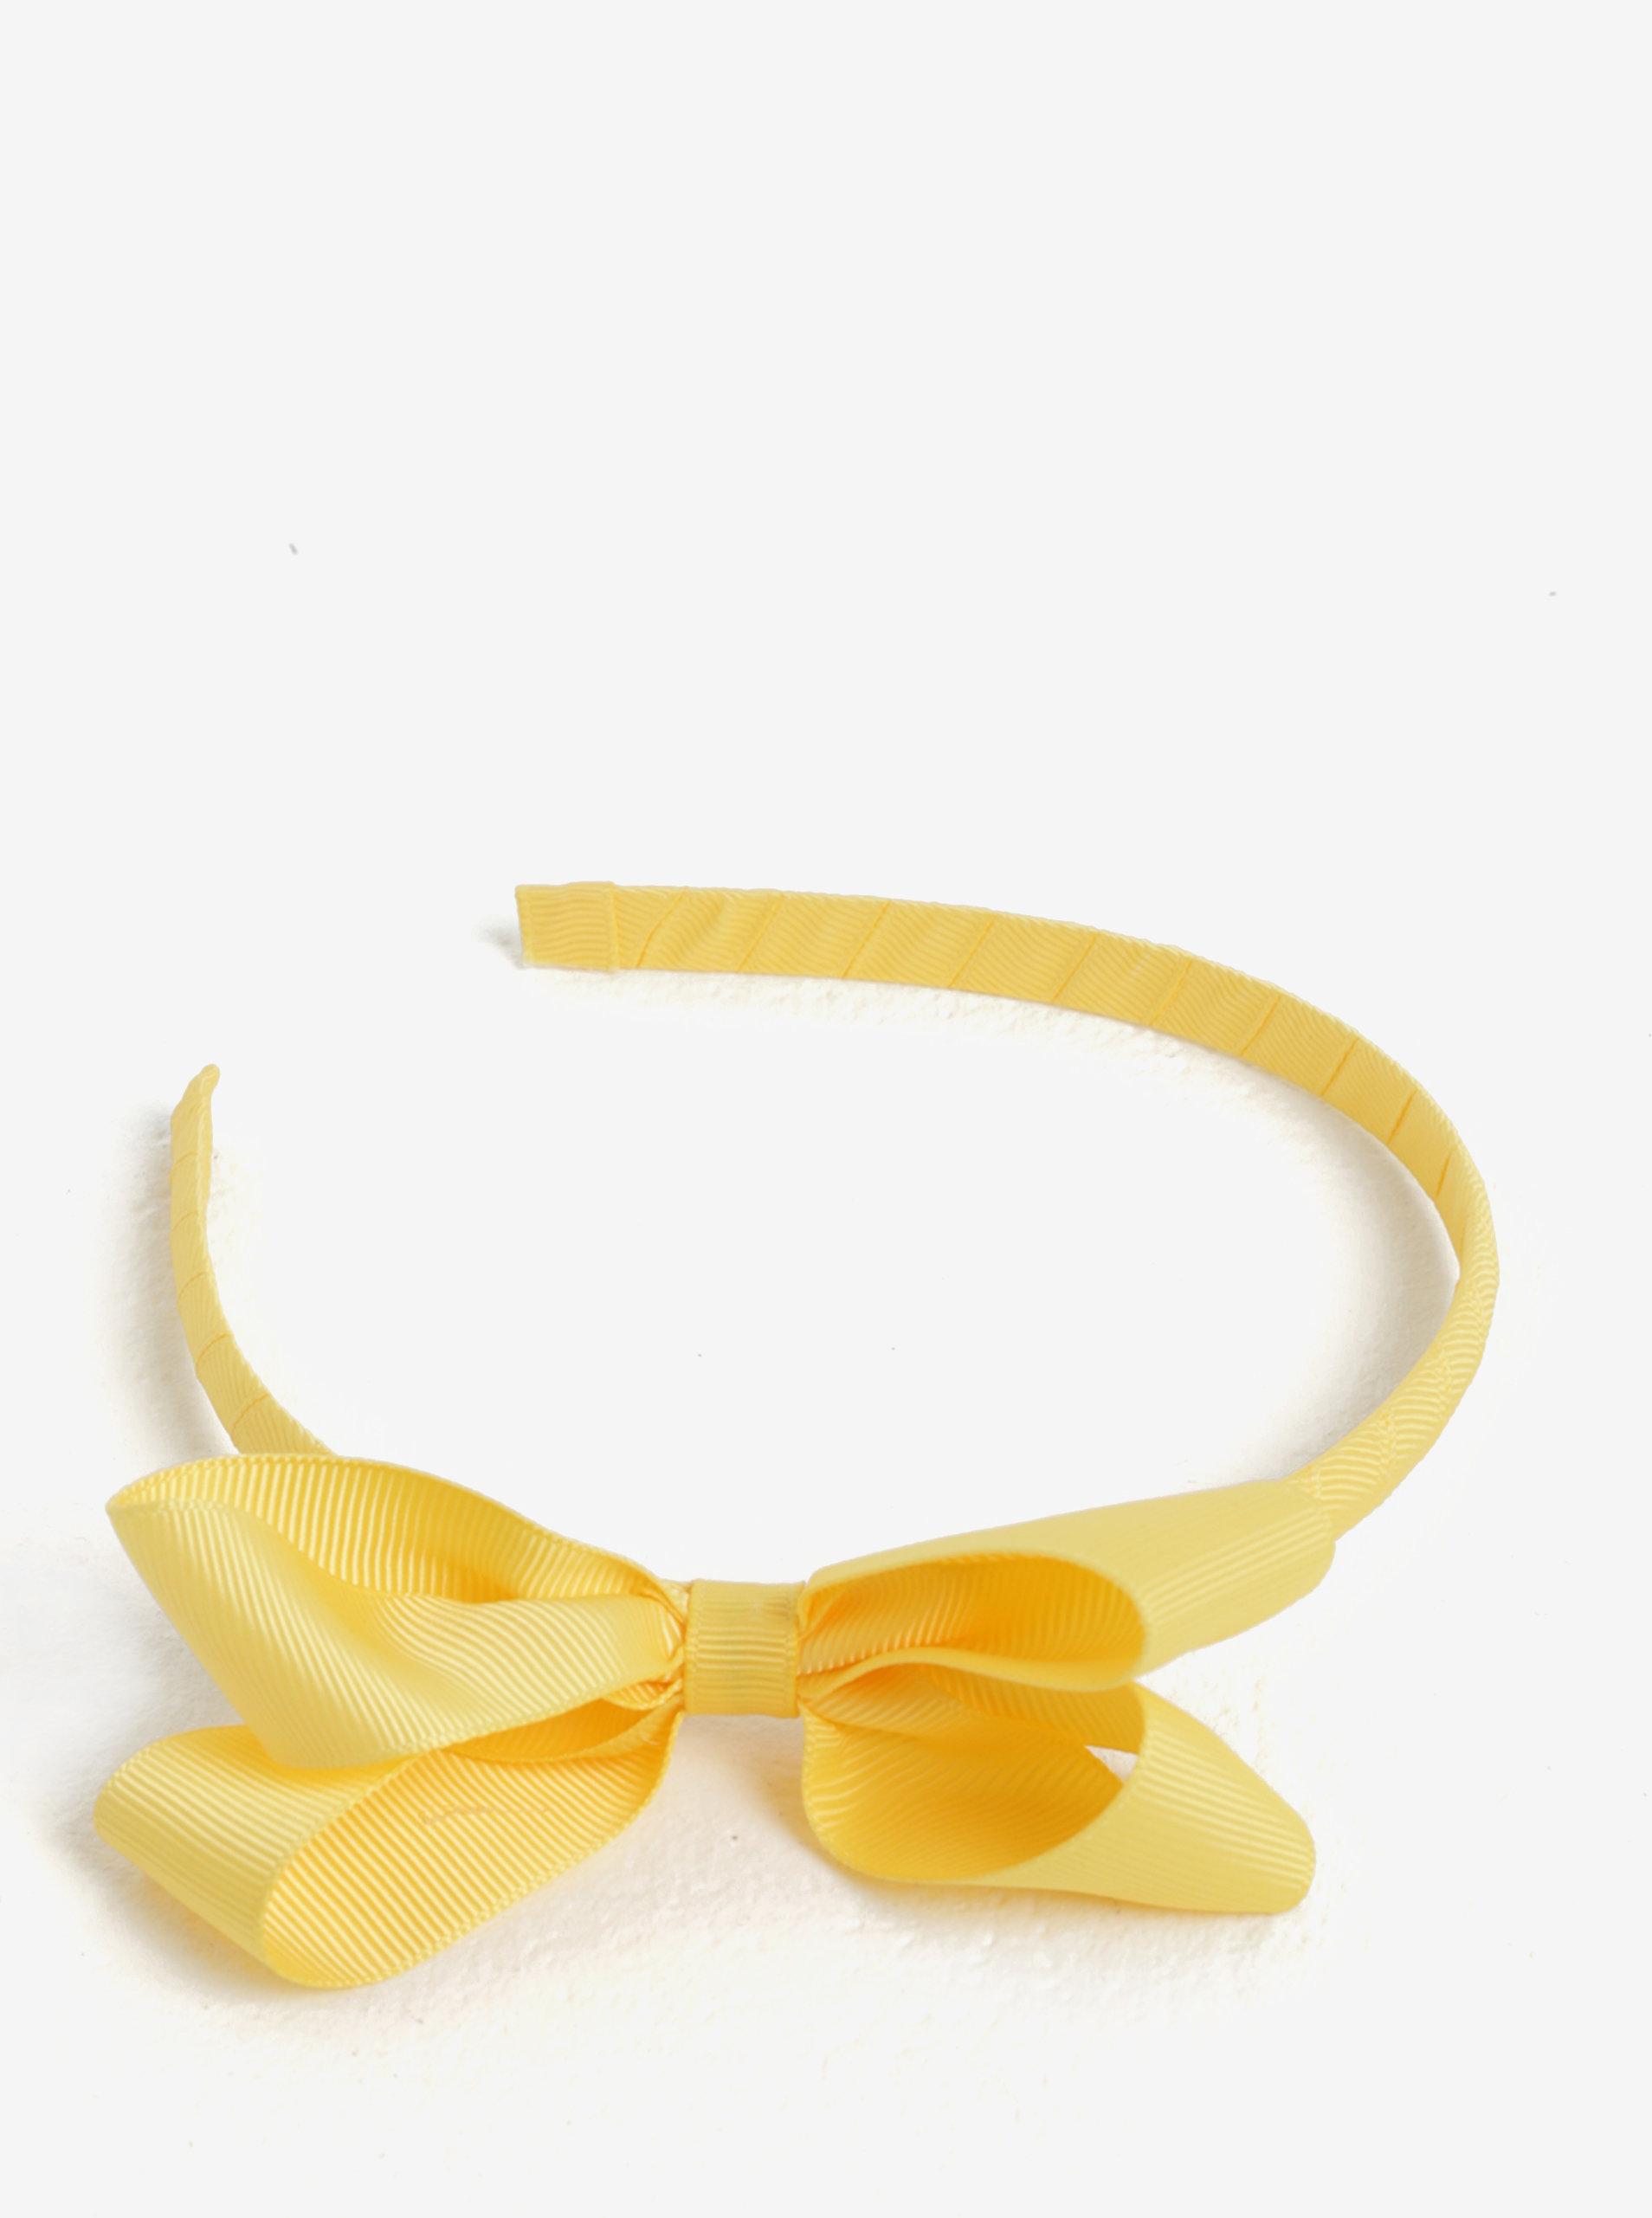 Žlutá holčičí čelenka s mašlí name it Facc-Killa ... 2cec0a6b09